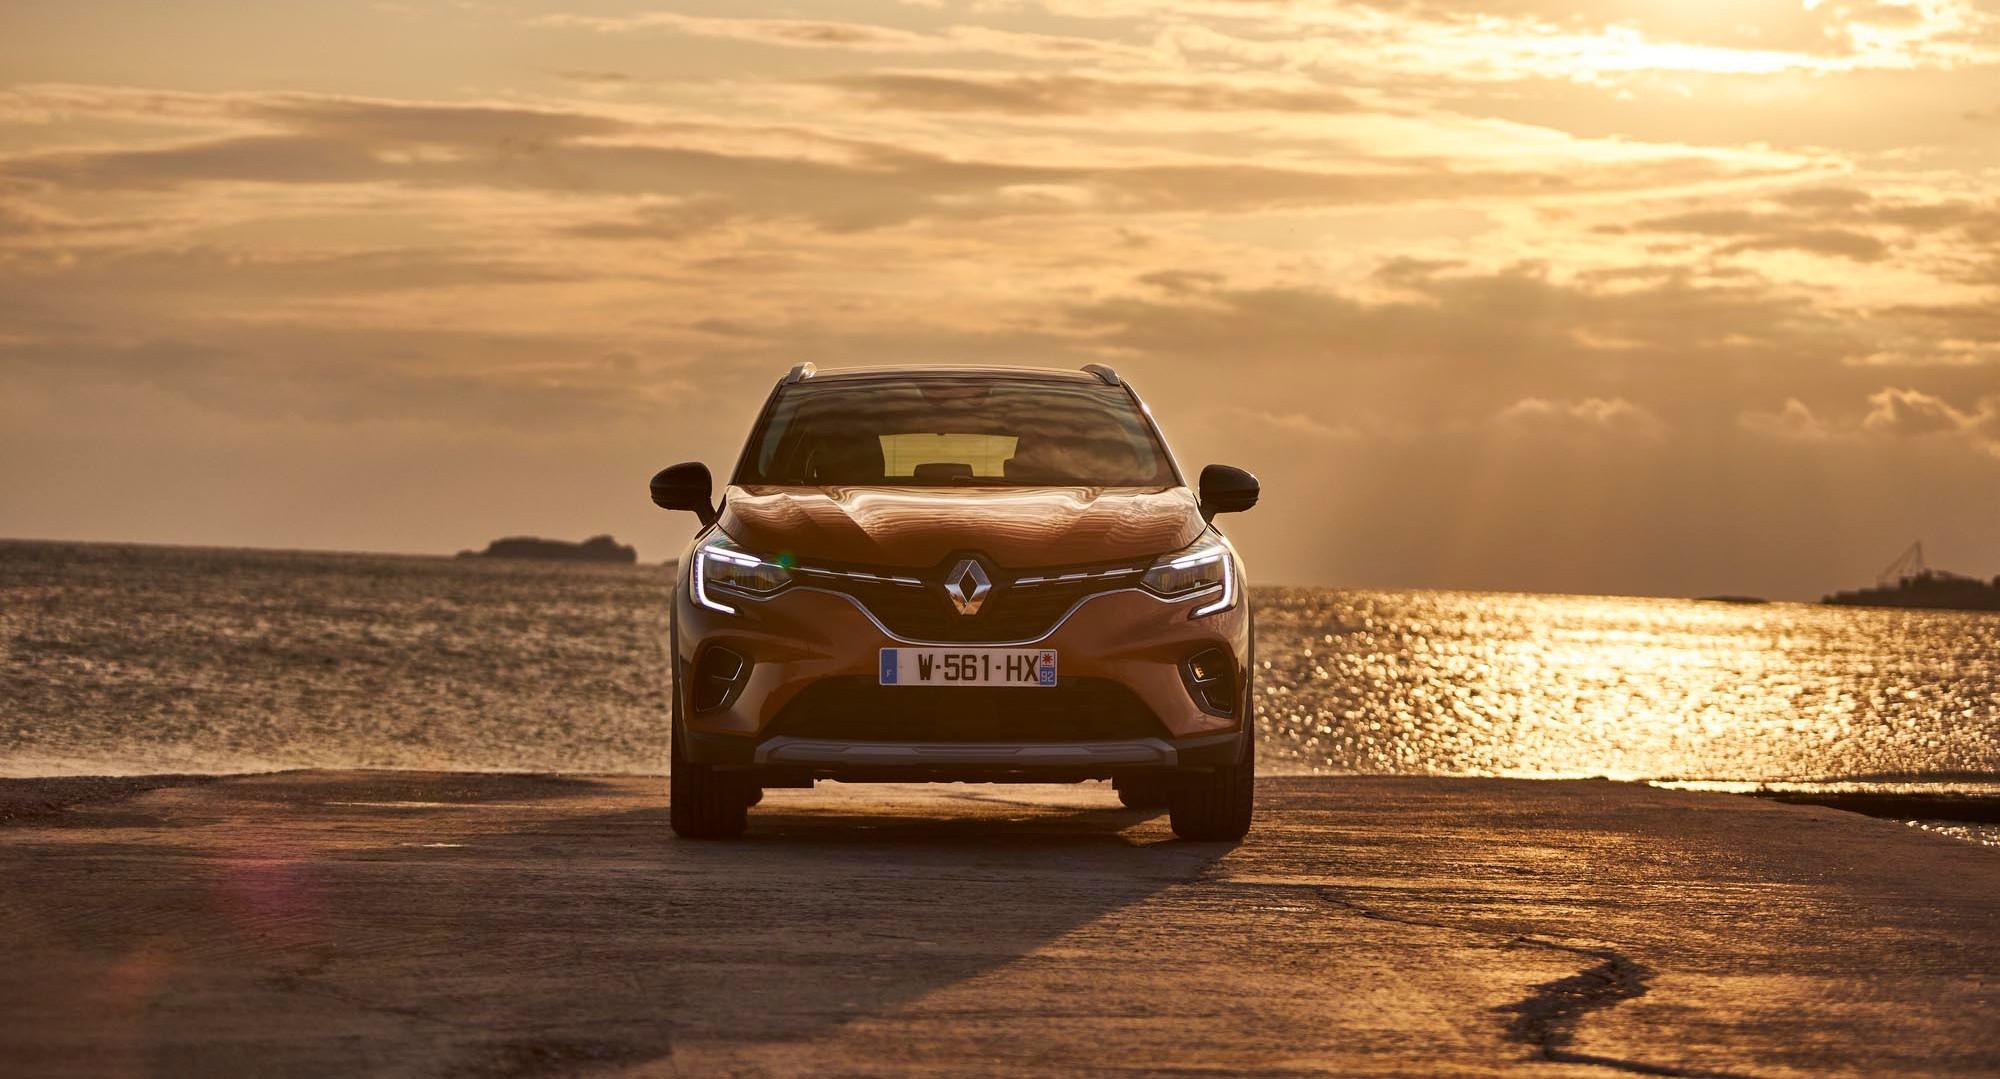 Captur E-TECH Plug-in : la voiture hybride rechargeable selon Renault